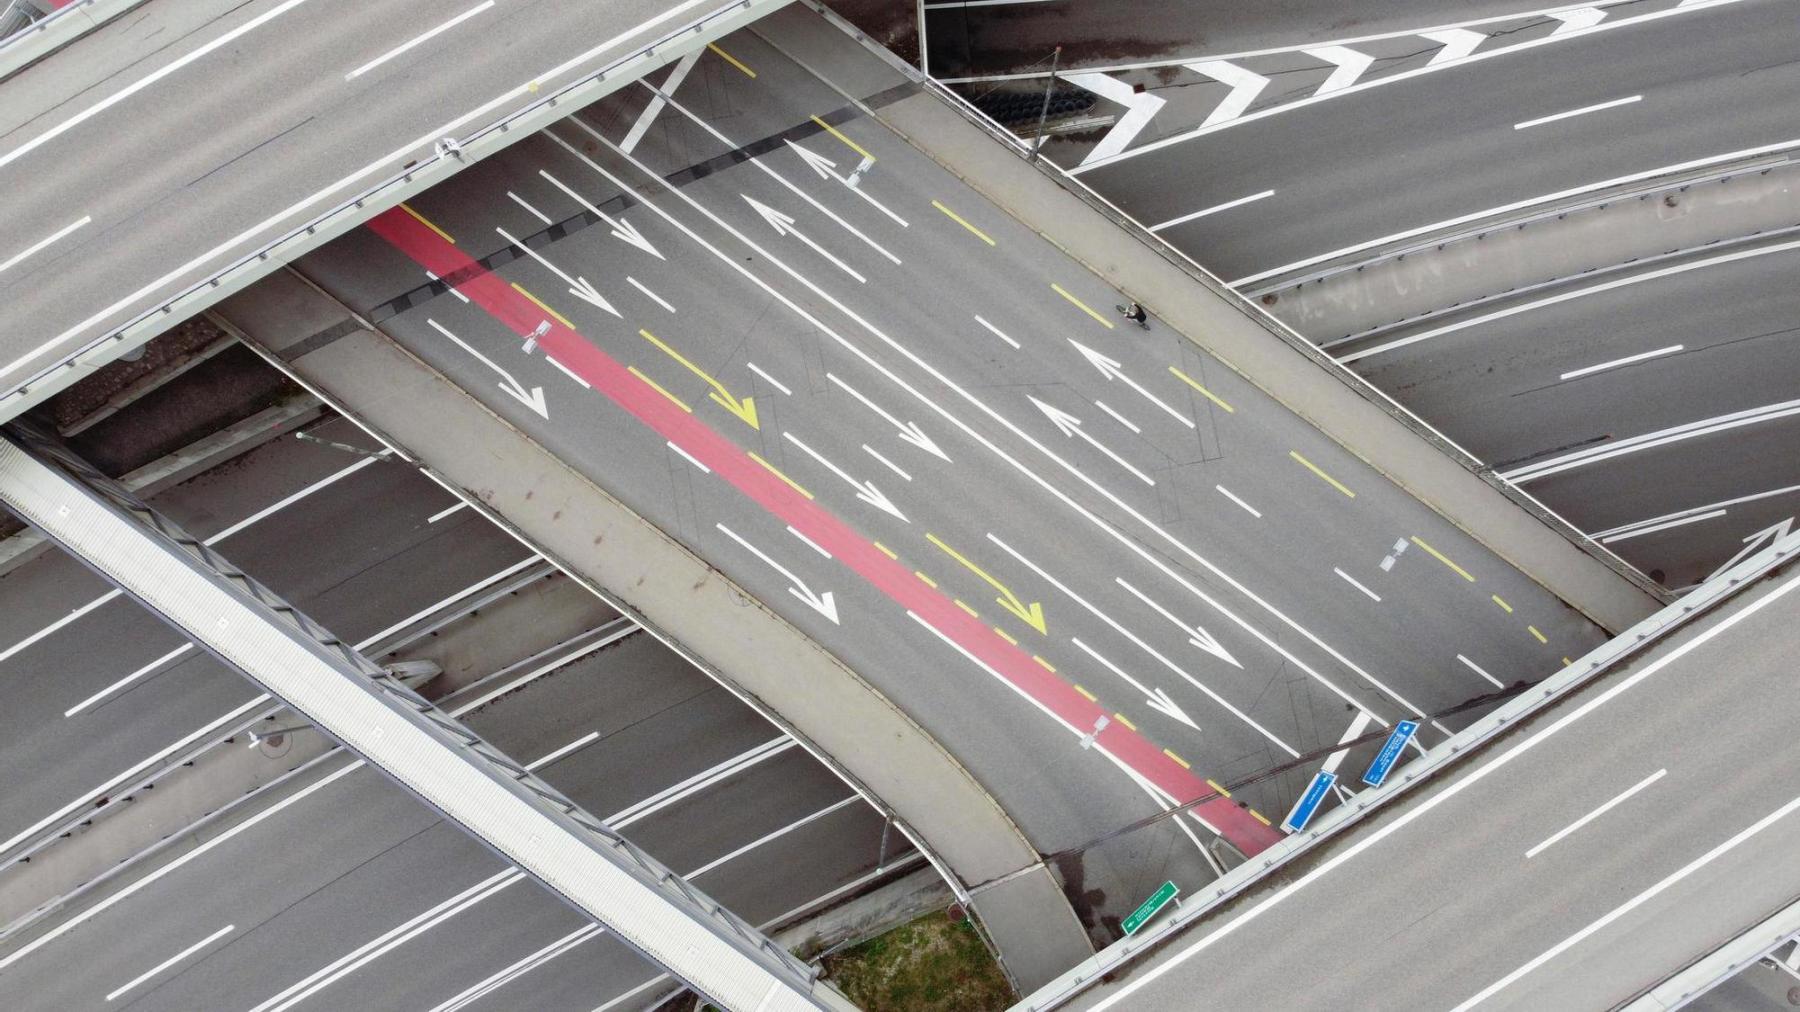 Nur ganz wenig Verkehr bei der Autobahnverzweigung Wankdorf am 6.5.2020. Die Leere während anderthalb Monaten im Frühjahr wegen der Corona-Pandemie wird in Erinnerung bleiben. Foto: Beat Mathys